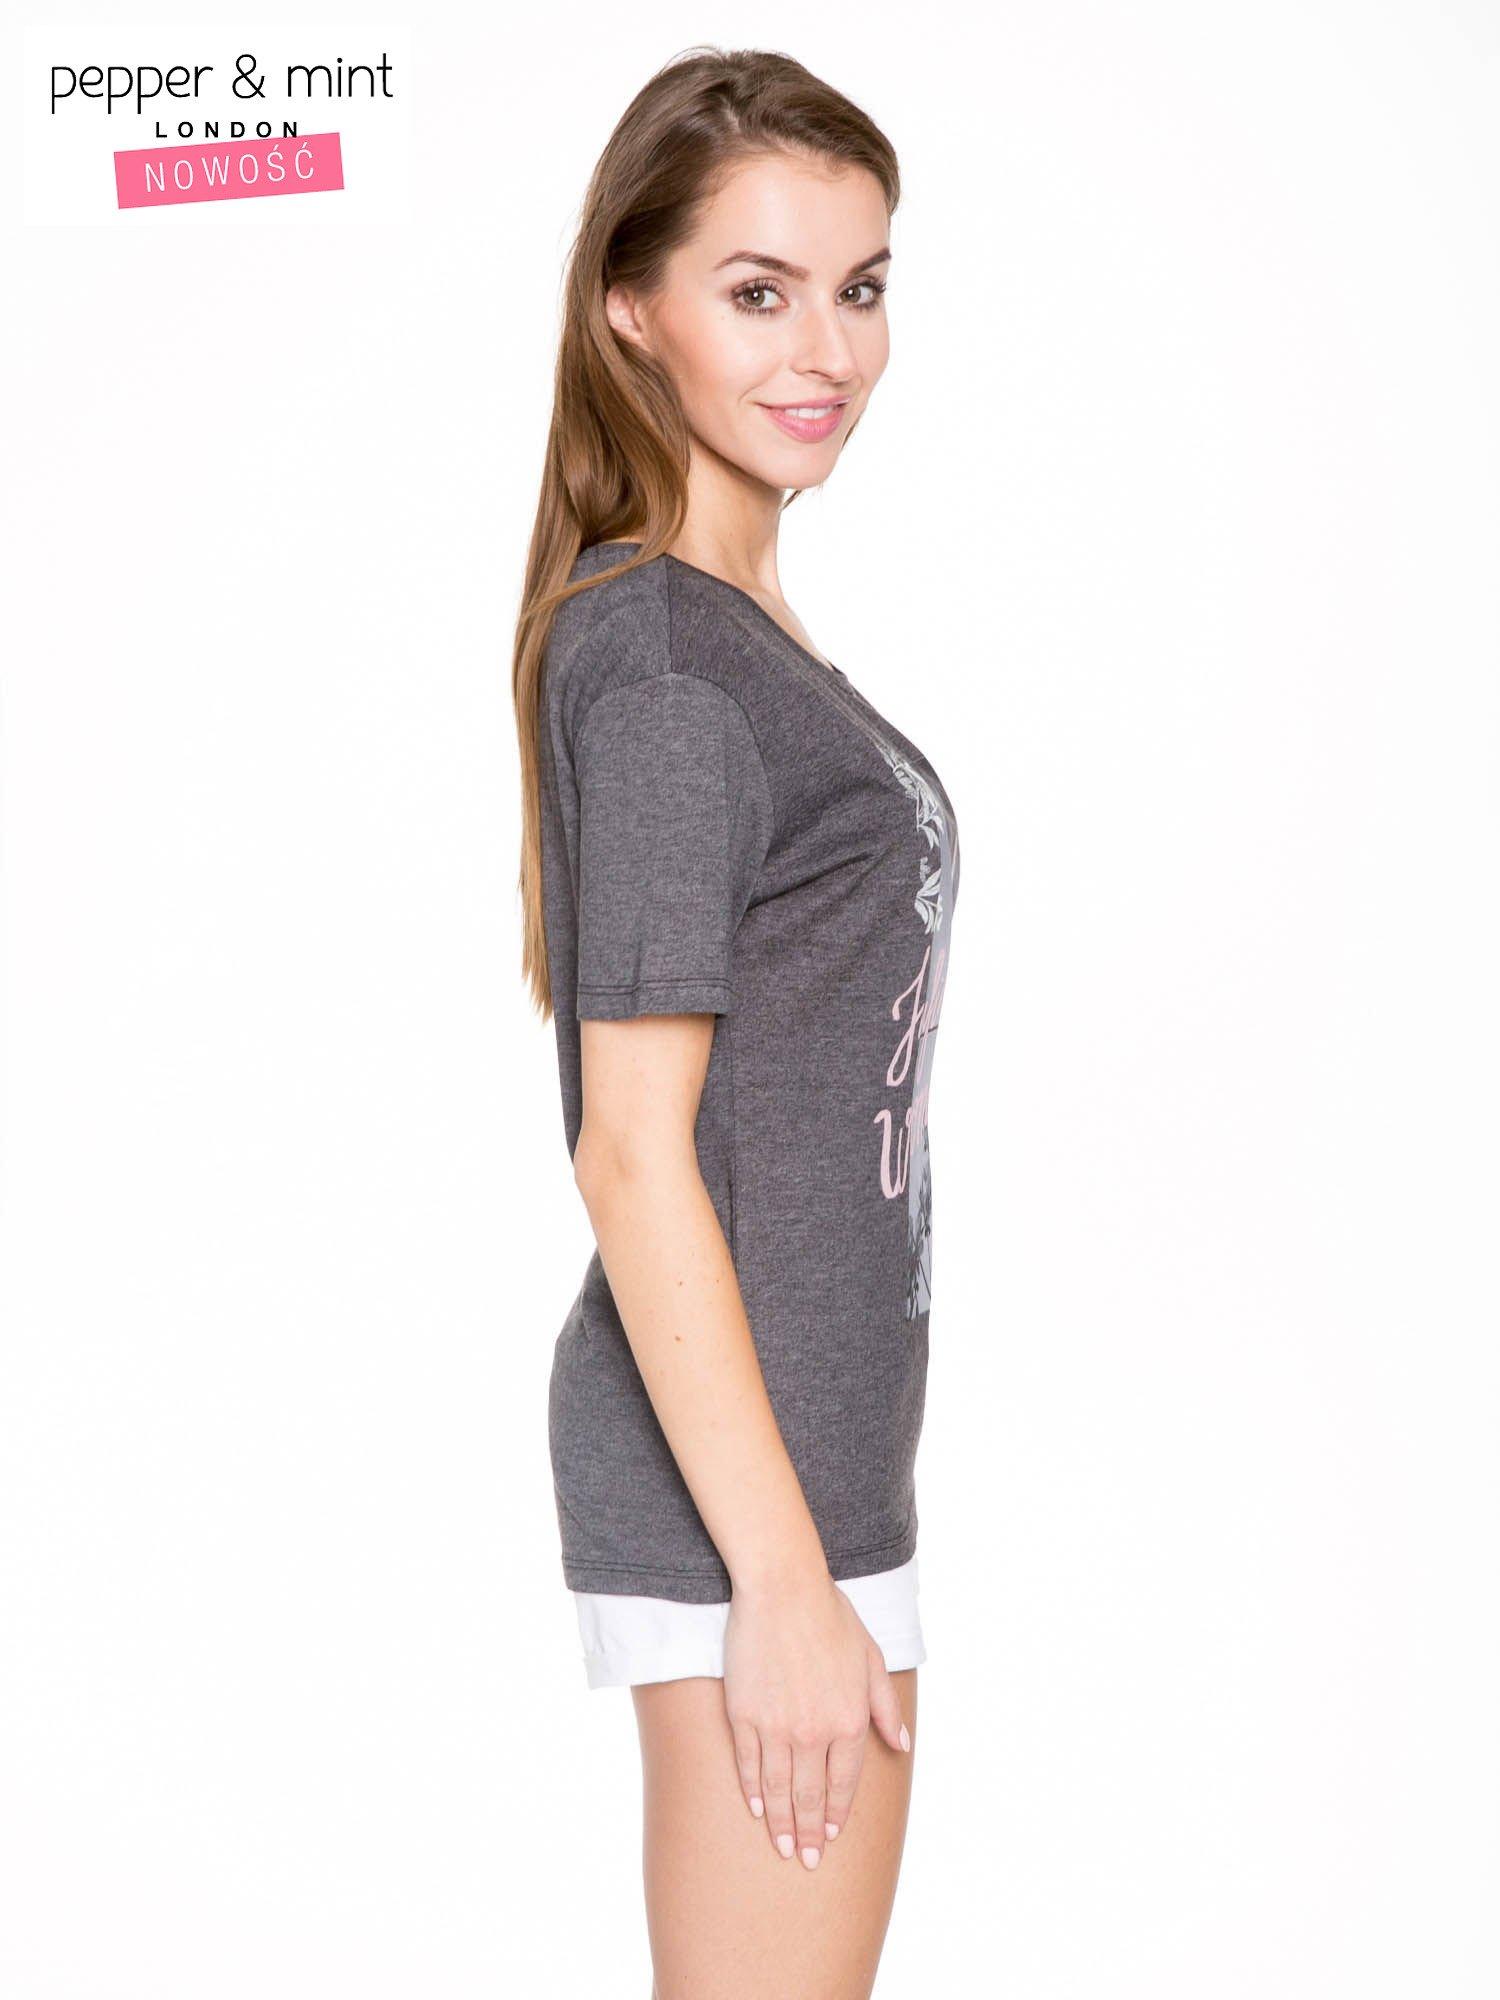 Szary t-shirt z romantycznym nadrukiem dziewczyny                                  zdj.                                  3